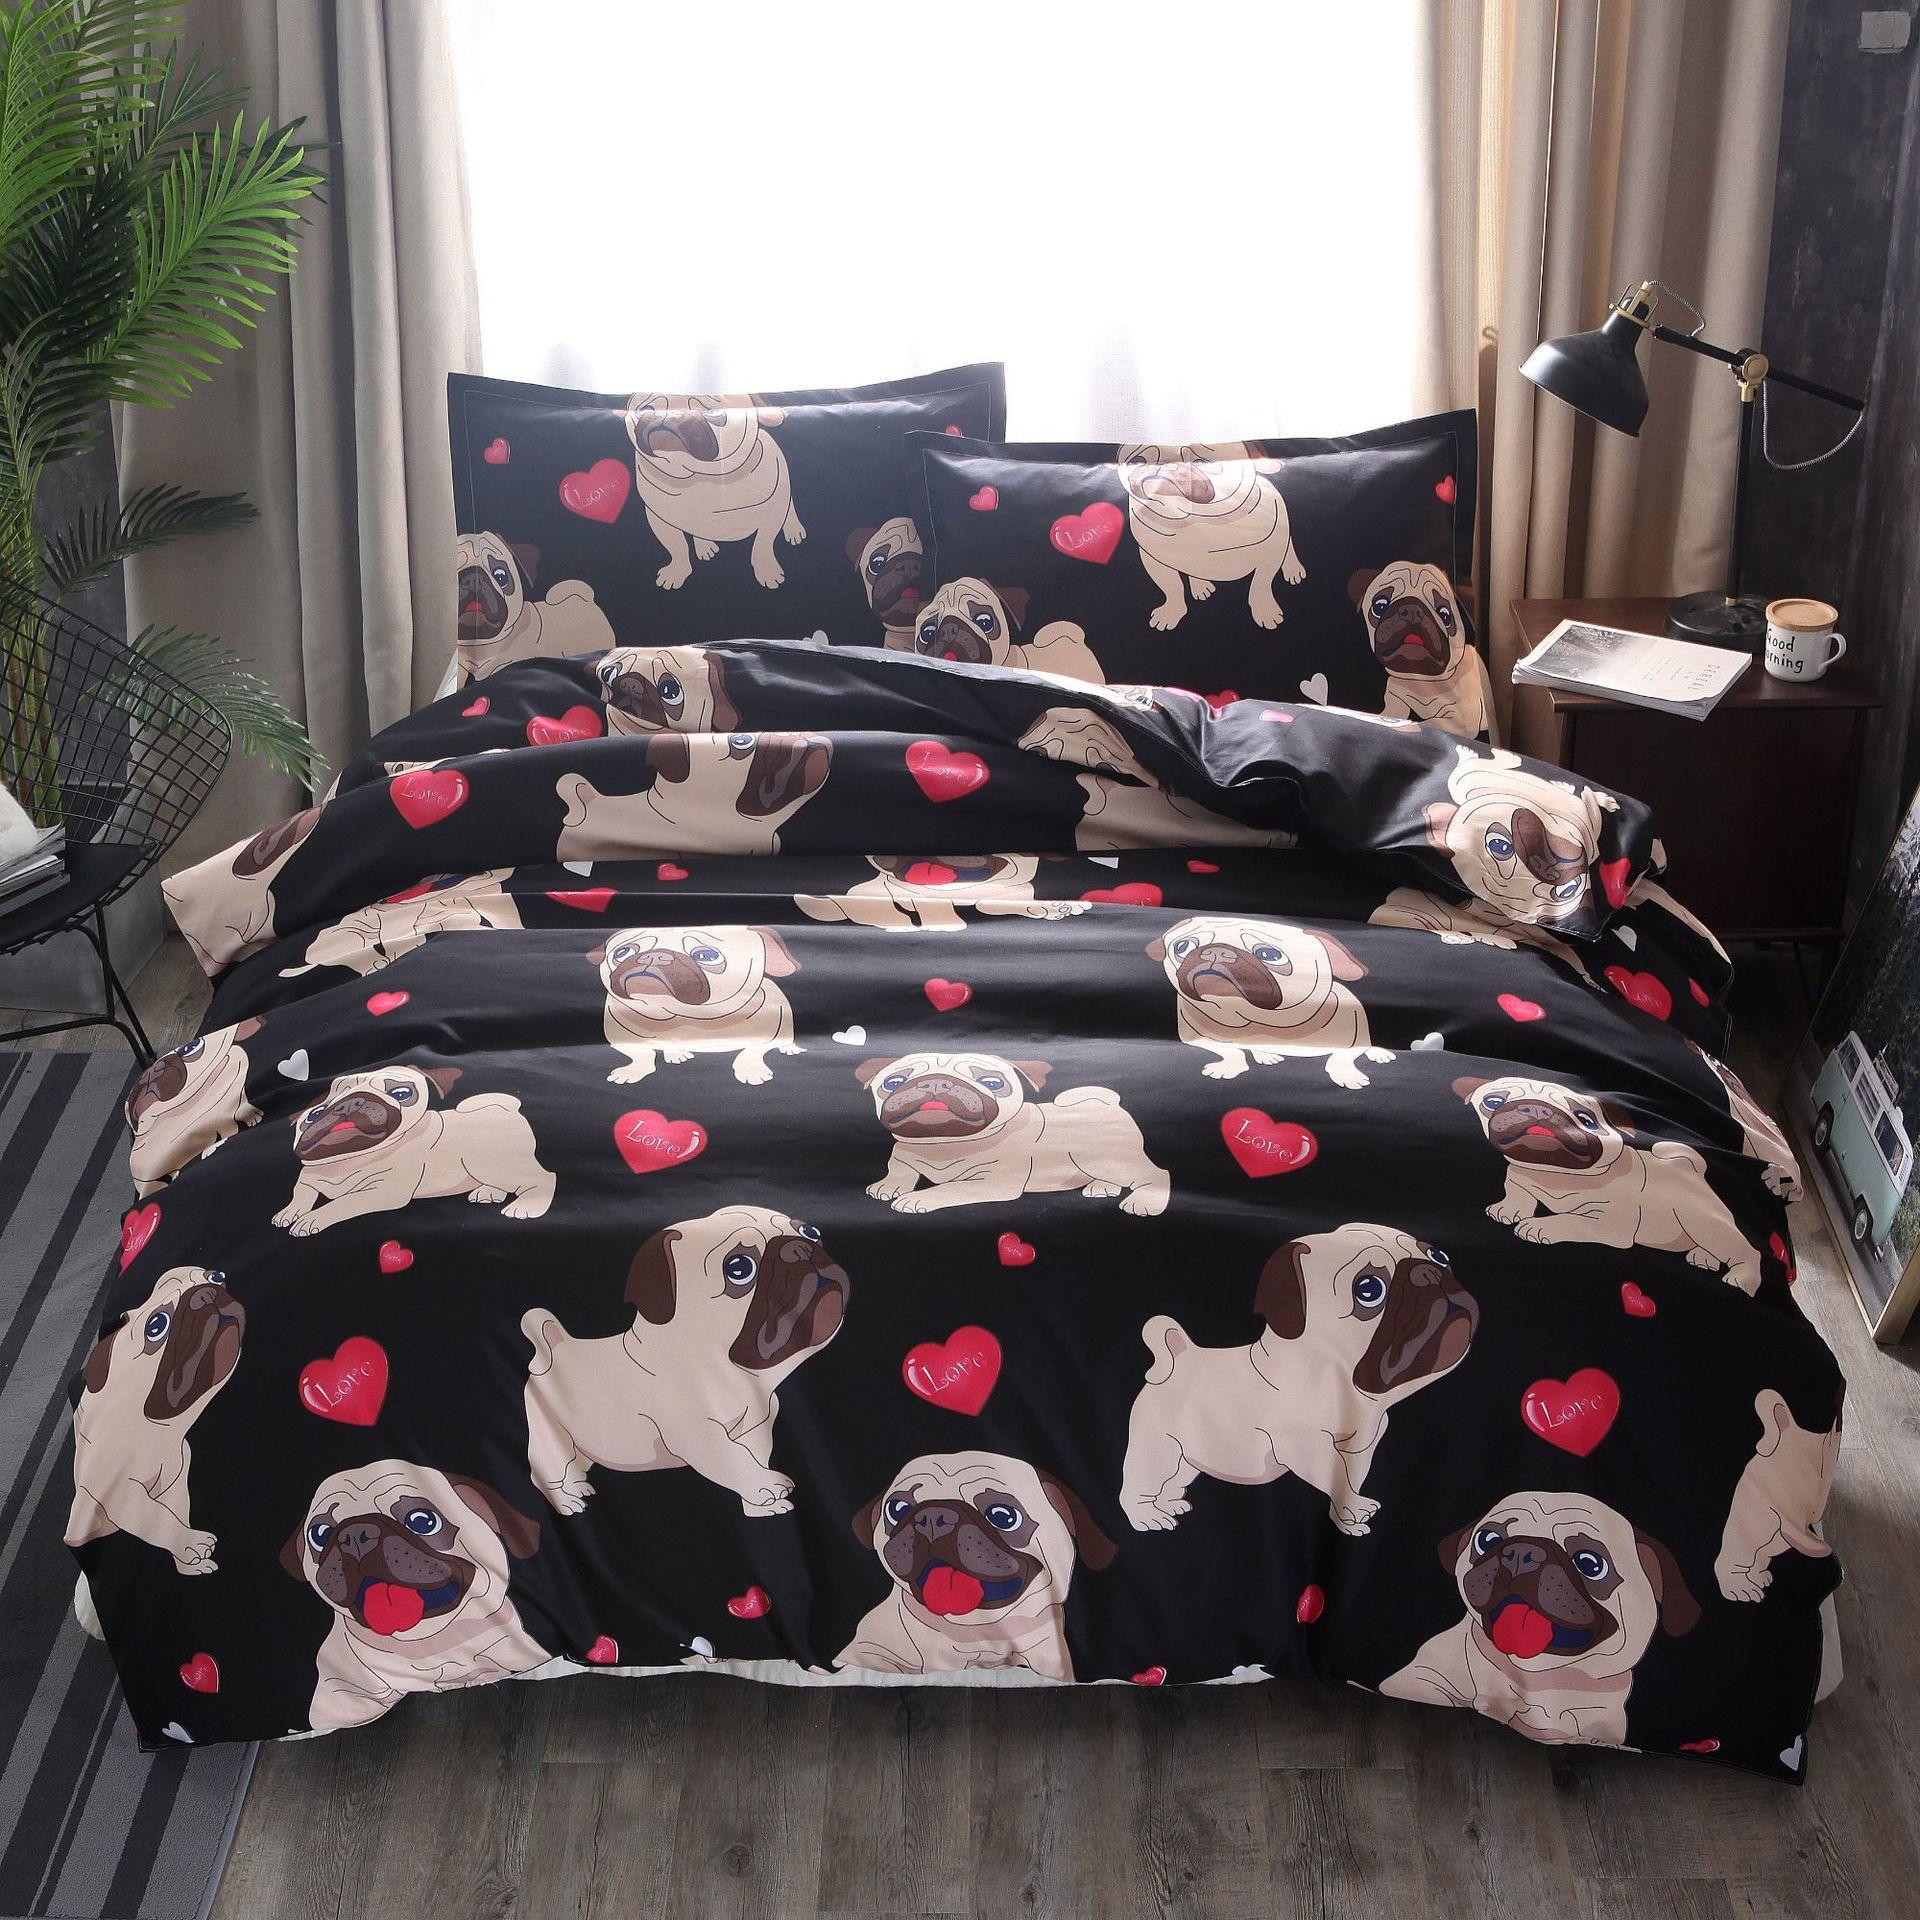 Коррид собака Австралийский Размер Одеяло Постельные принадлежности собаки милый Артикул три бумажный набор хлопок